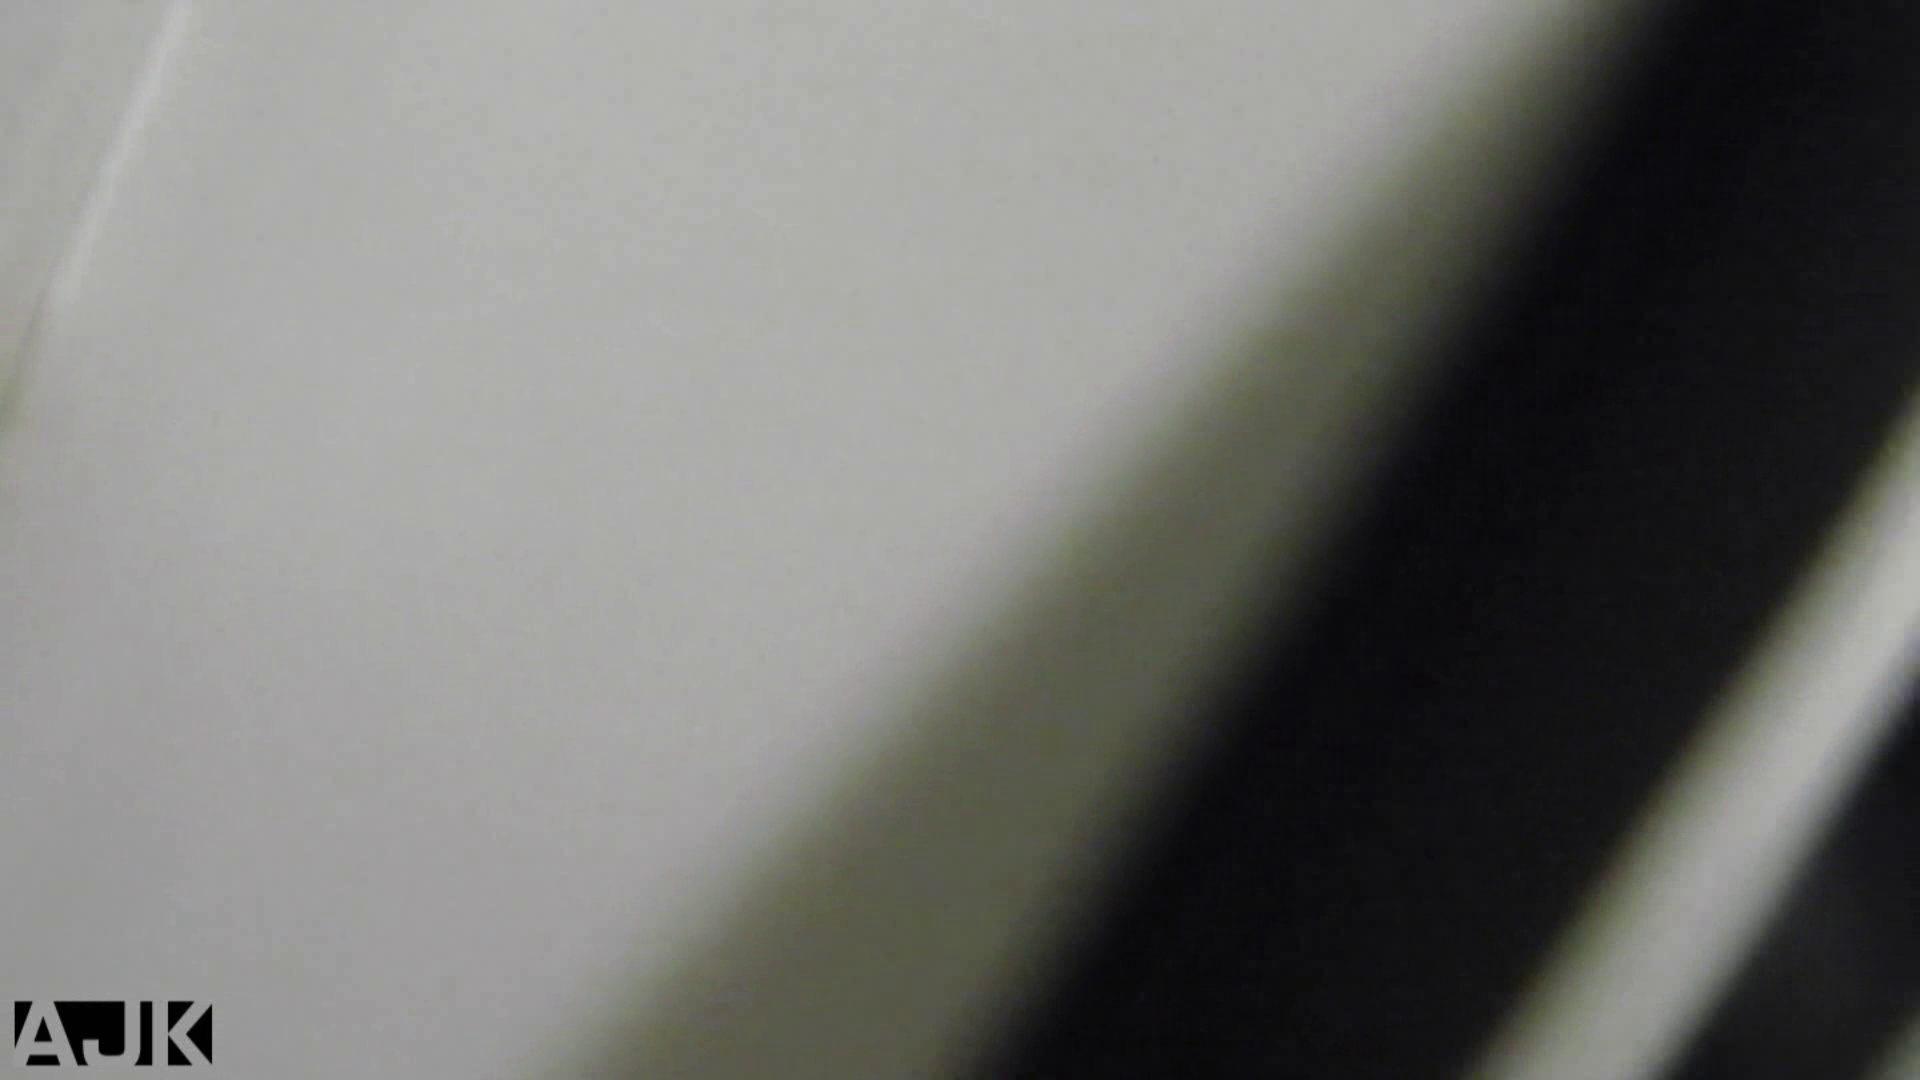 隣国上階級エリアの令嬢たちが集うデパートお手洗い Vol.09 オマンコ・ぱっくり AV動画キャプチャ 73画像 27